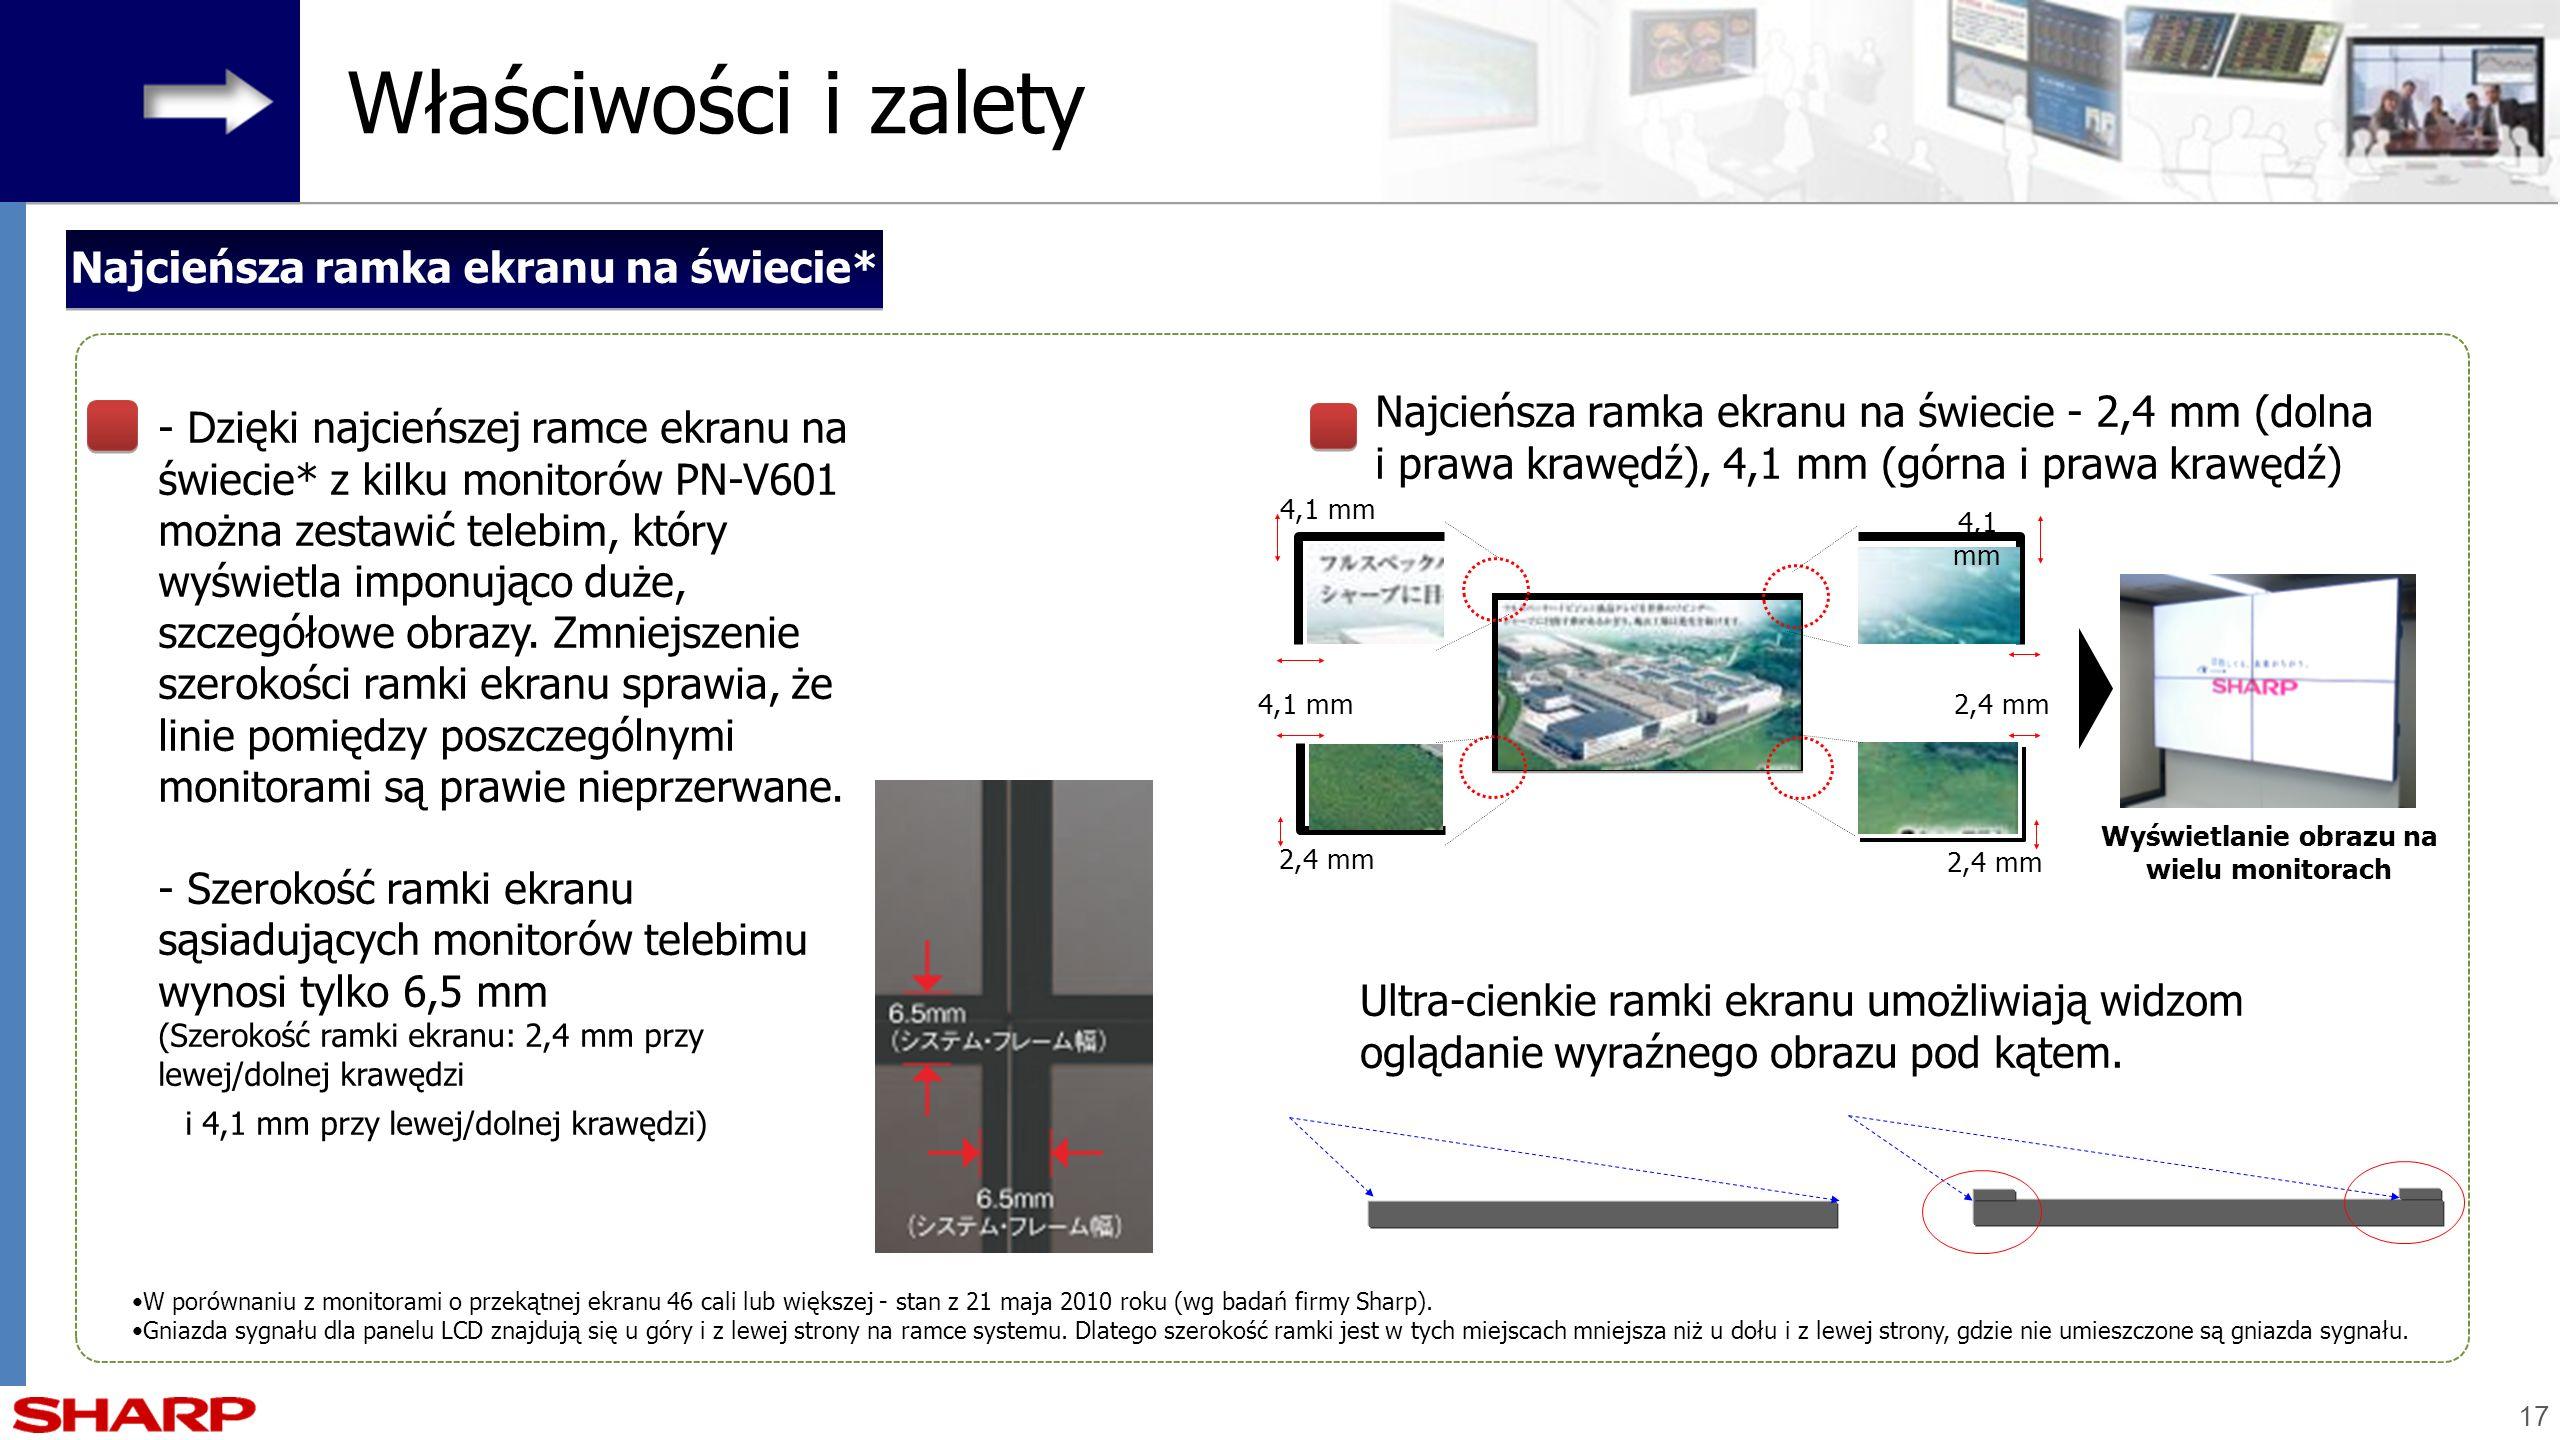 17 Najcieńsza ramka ekranu na świecie* Właściwości i zalety W porównaniu z monitorami o przekątnej ekranu 46 cali lub większej - stan z 21 maja 2010 r